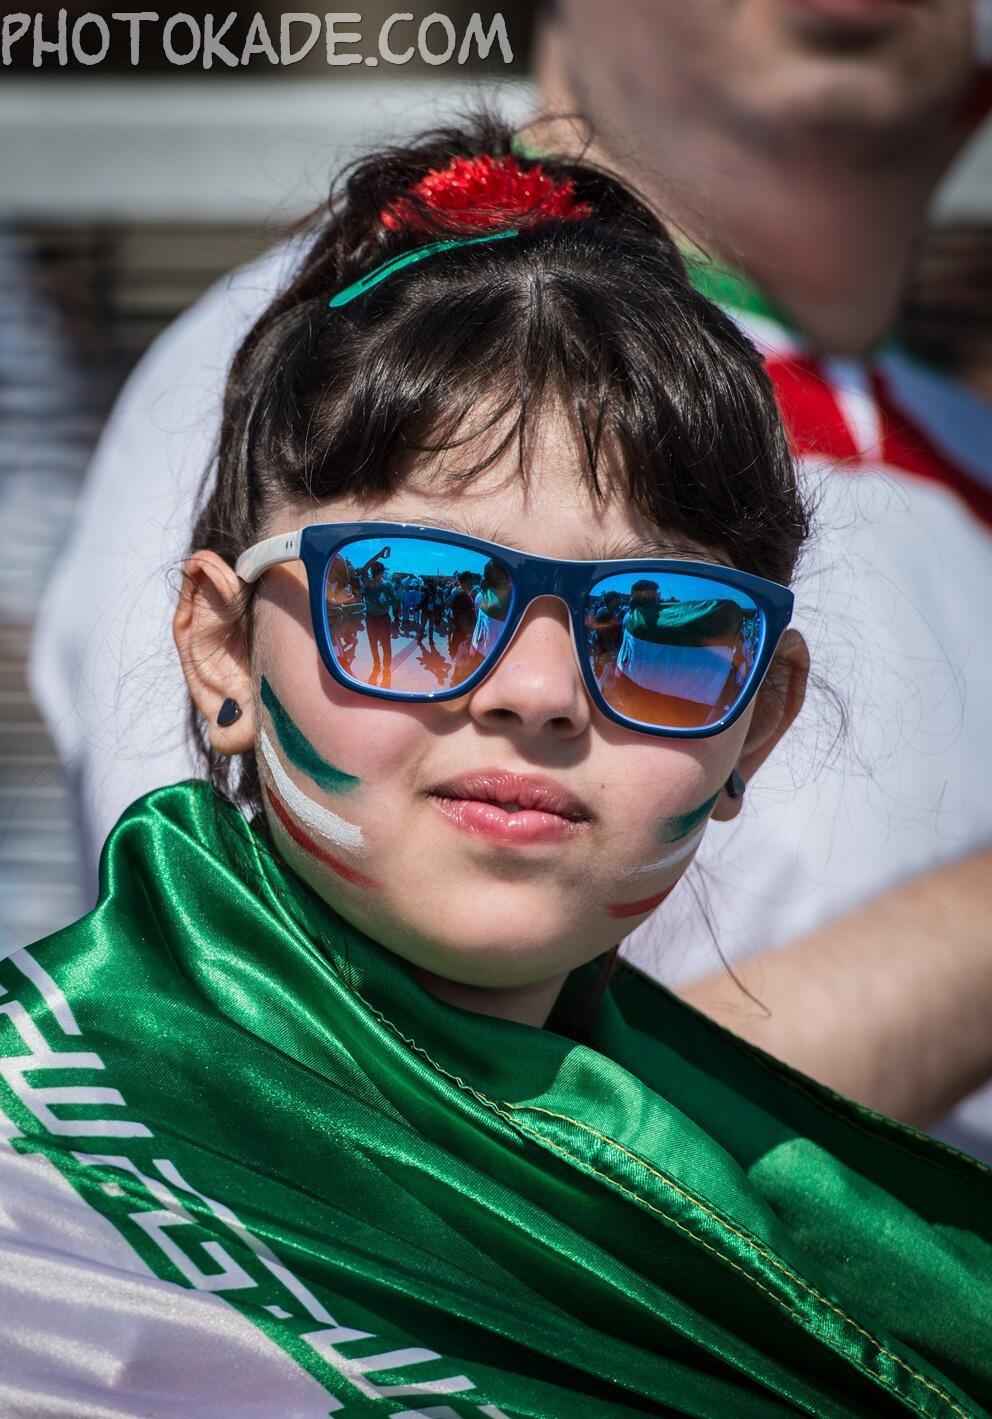 جام جهانی 2014 برزیل,دختر ایرانی جام جهانی ,دختر ایرانی تو جام جهانی 2014,عکس زن ایرانی جام جهانی برزیل